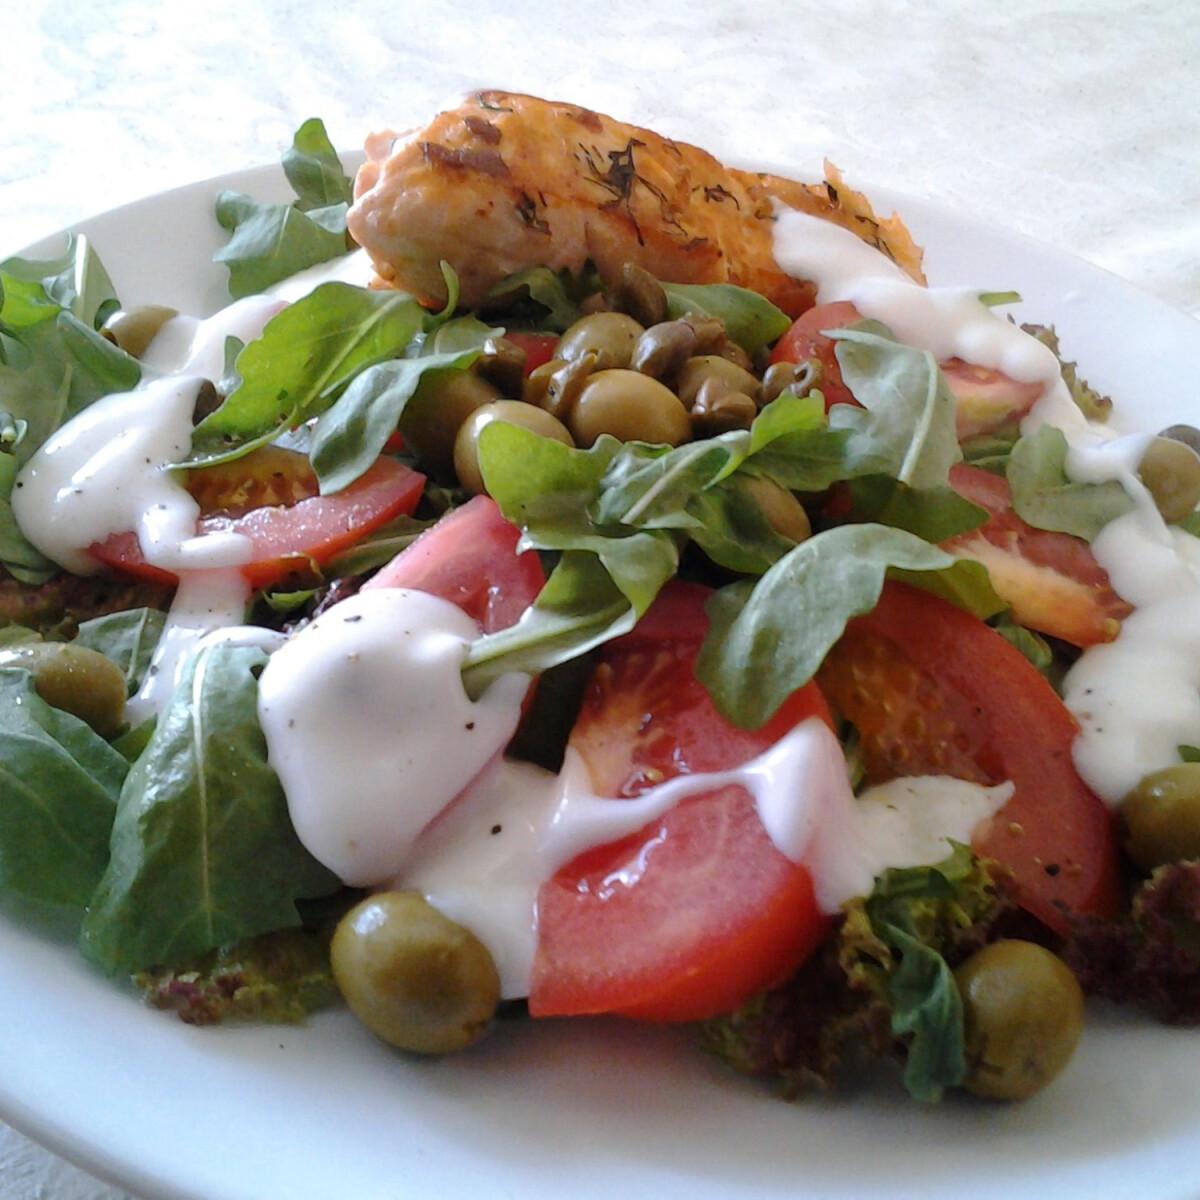 Kedvenc nyári saláta Myazs konyhájából